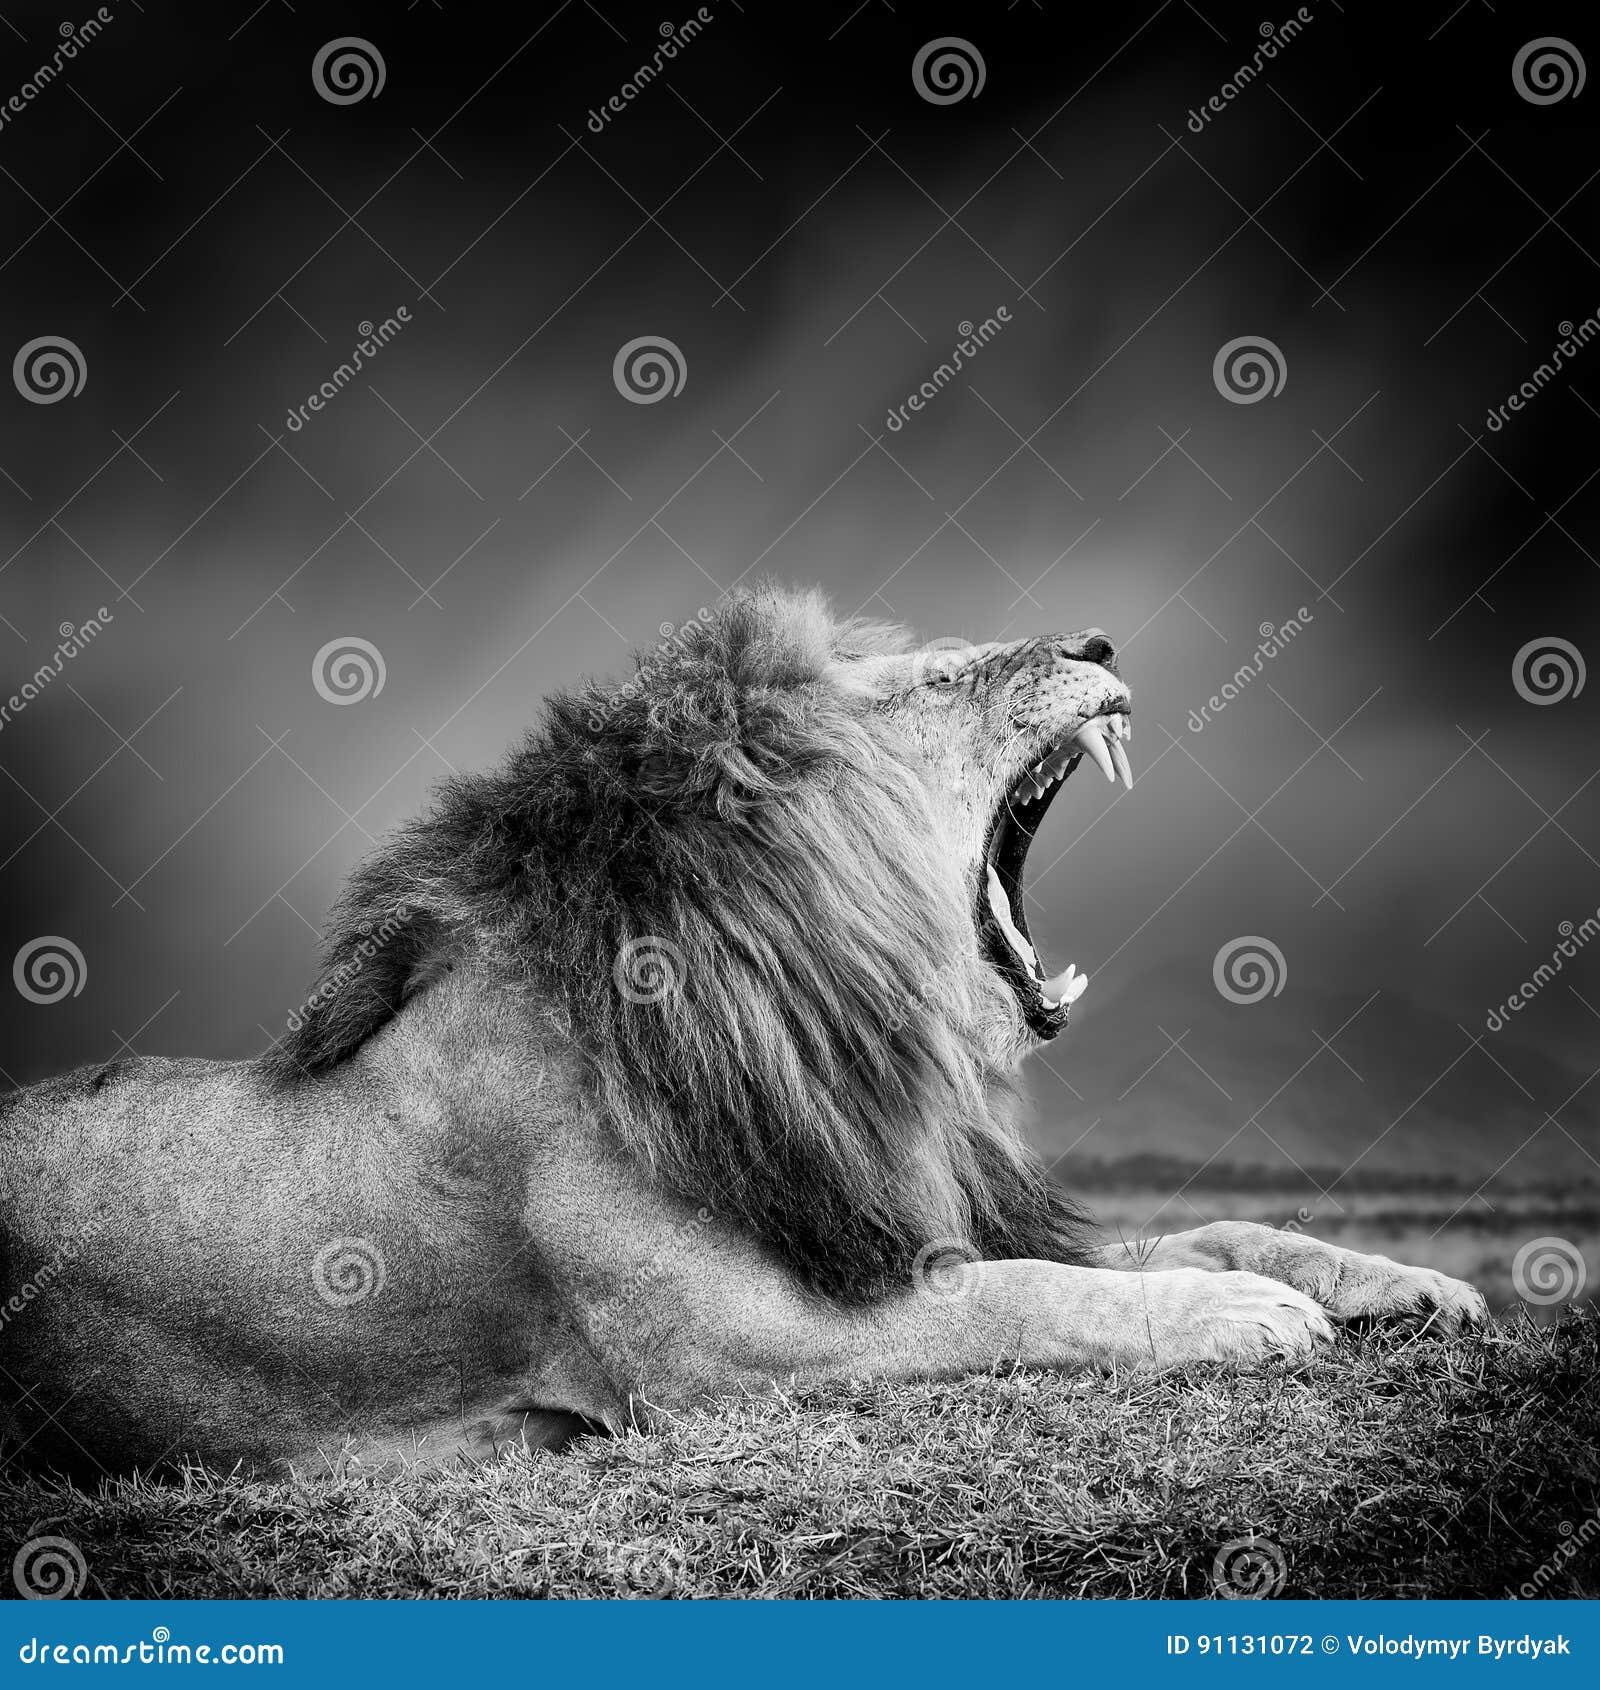 Schwarzweiss-Bild eines Löwes